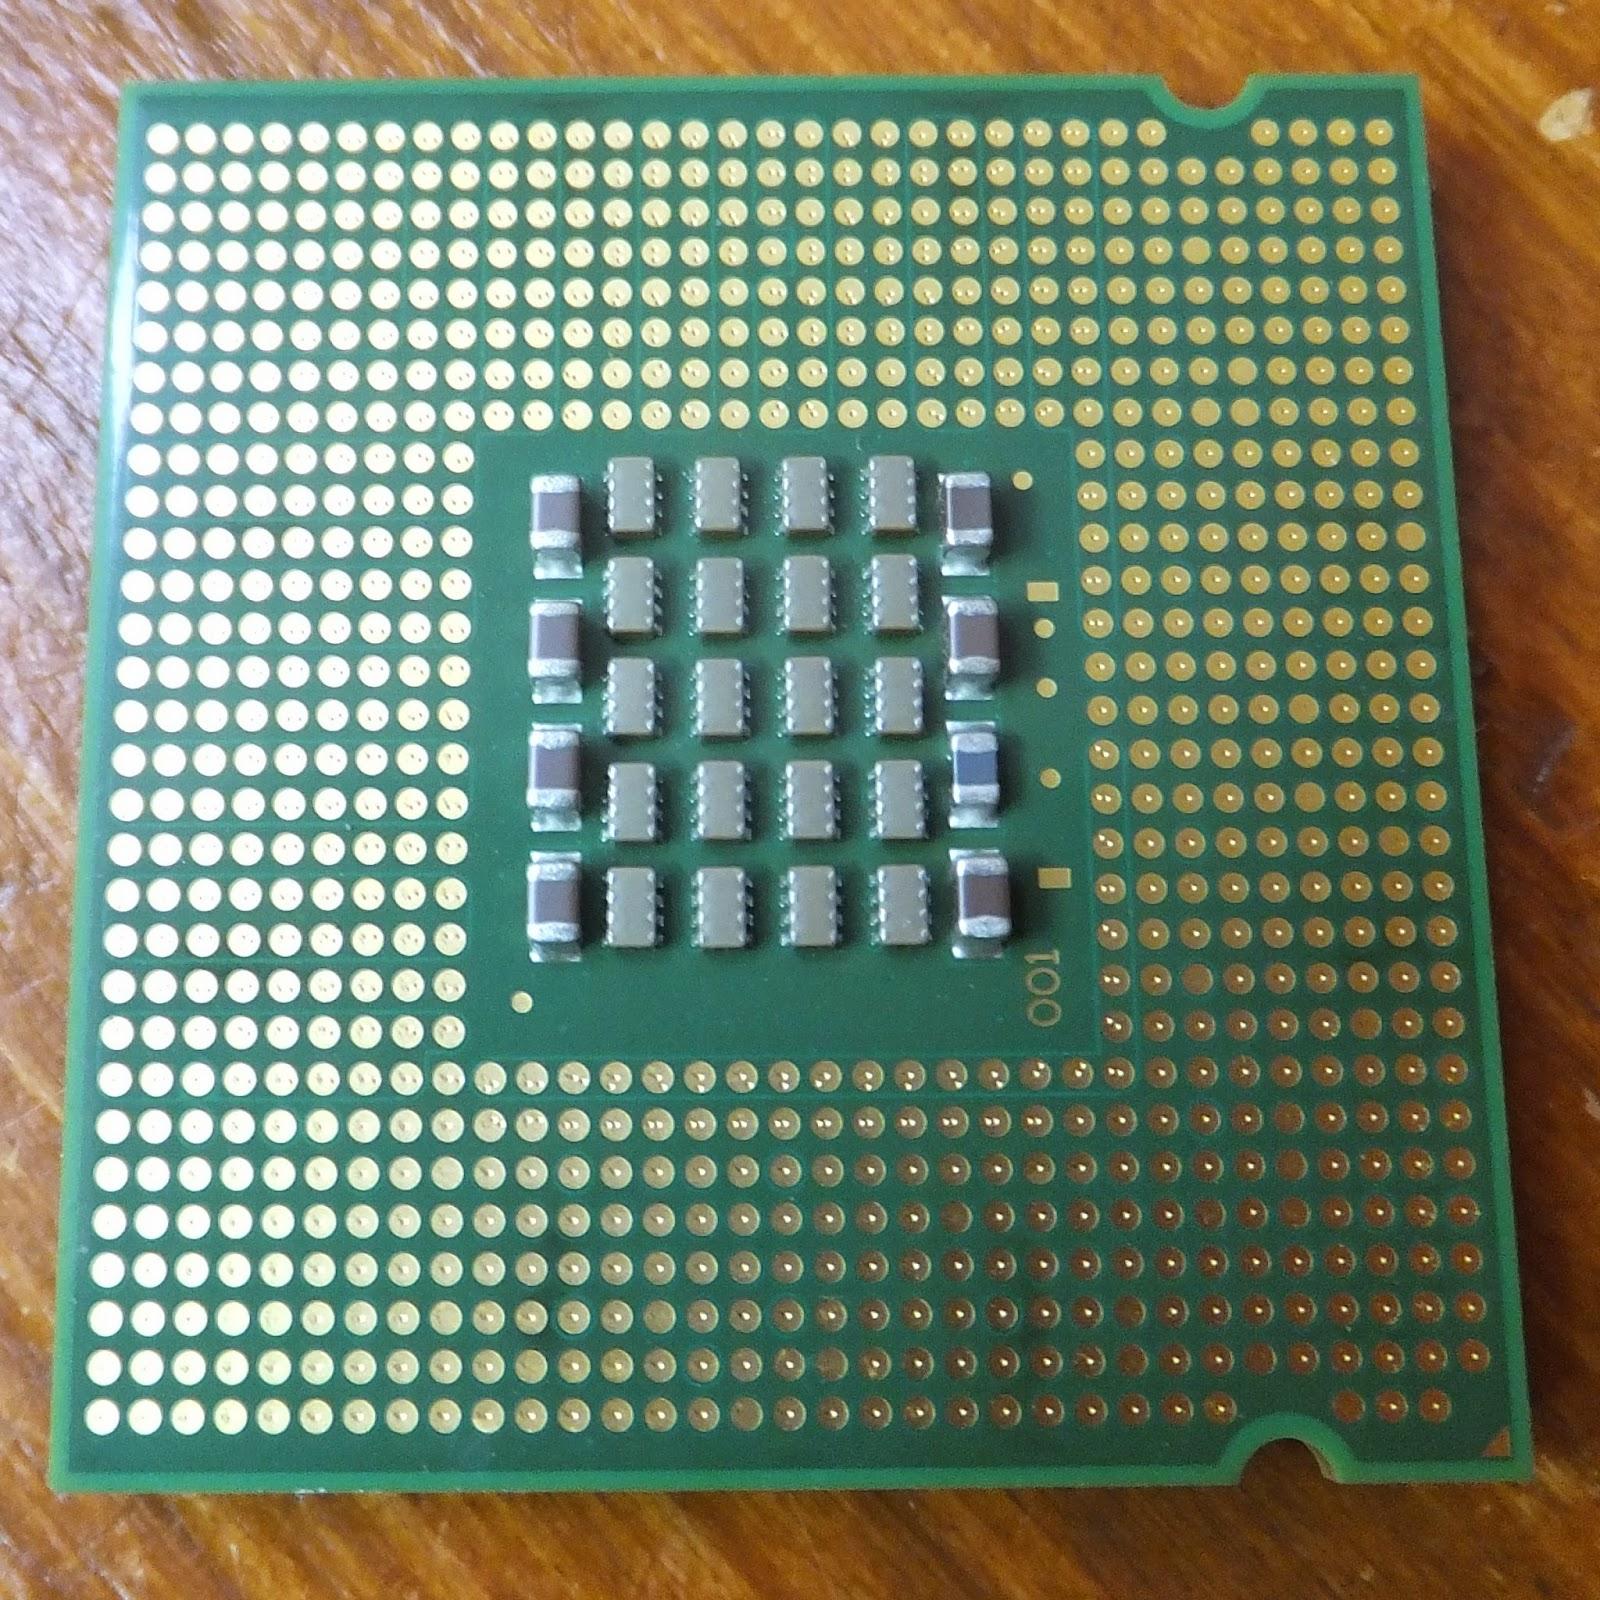 Intel Pentium D 820 @2800MHz